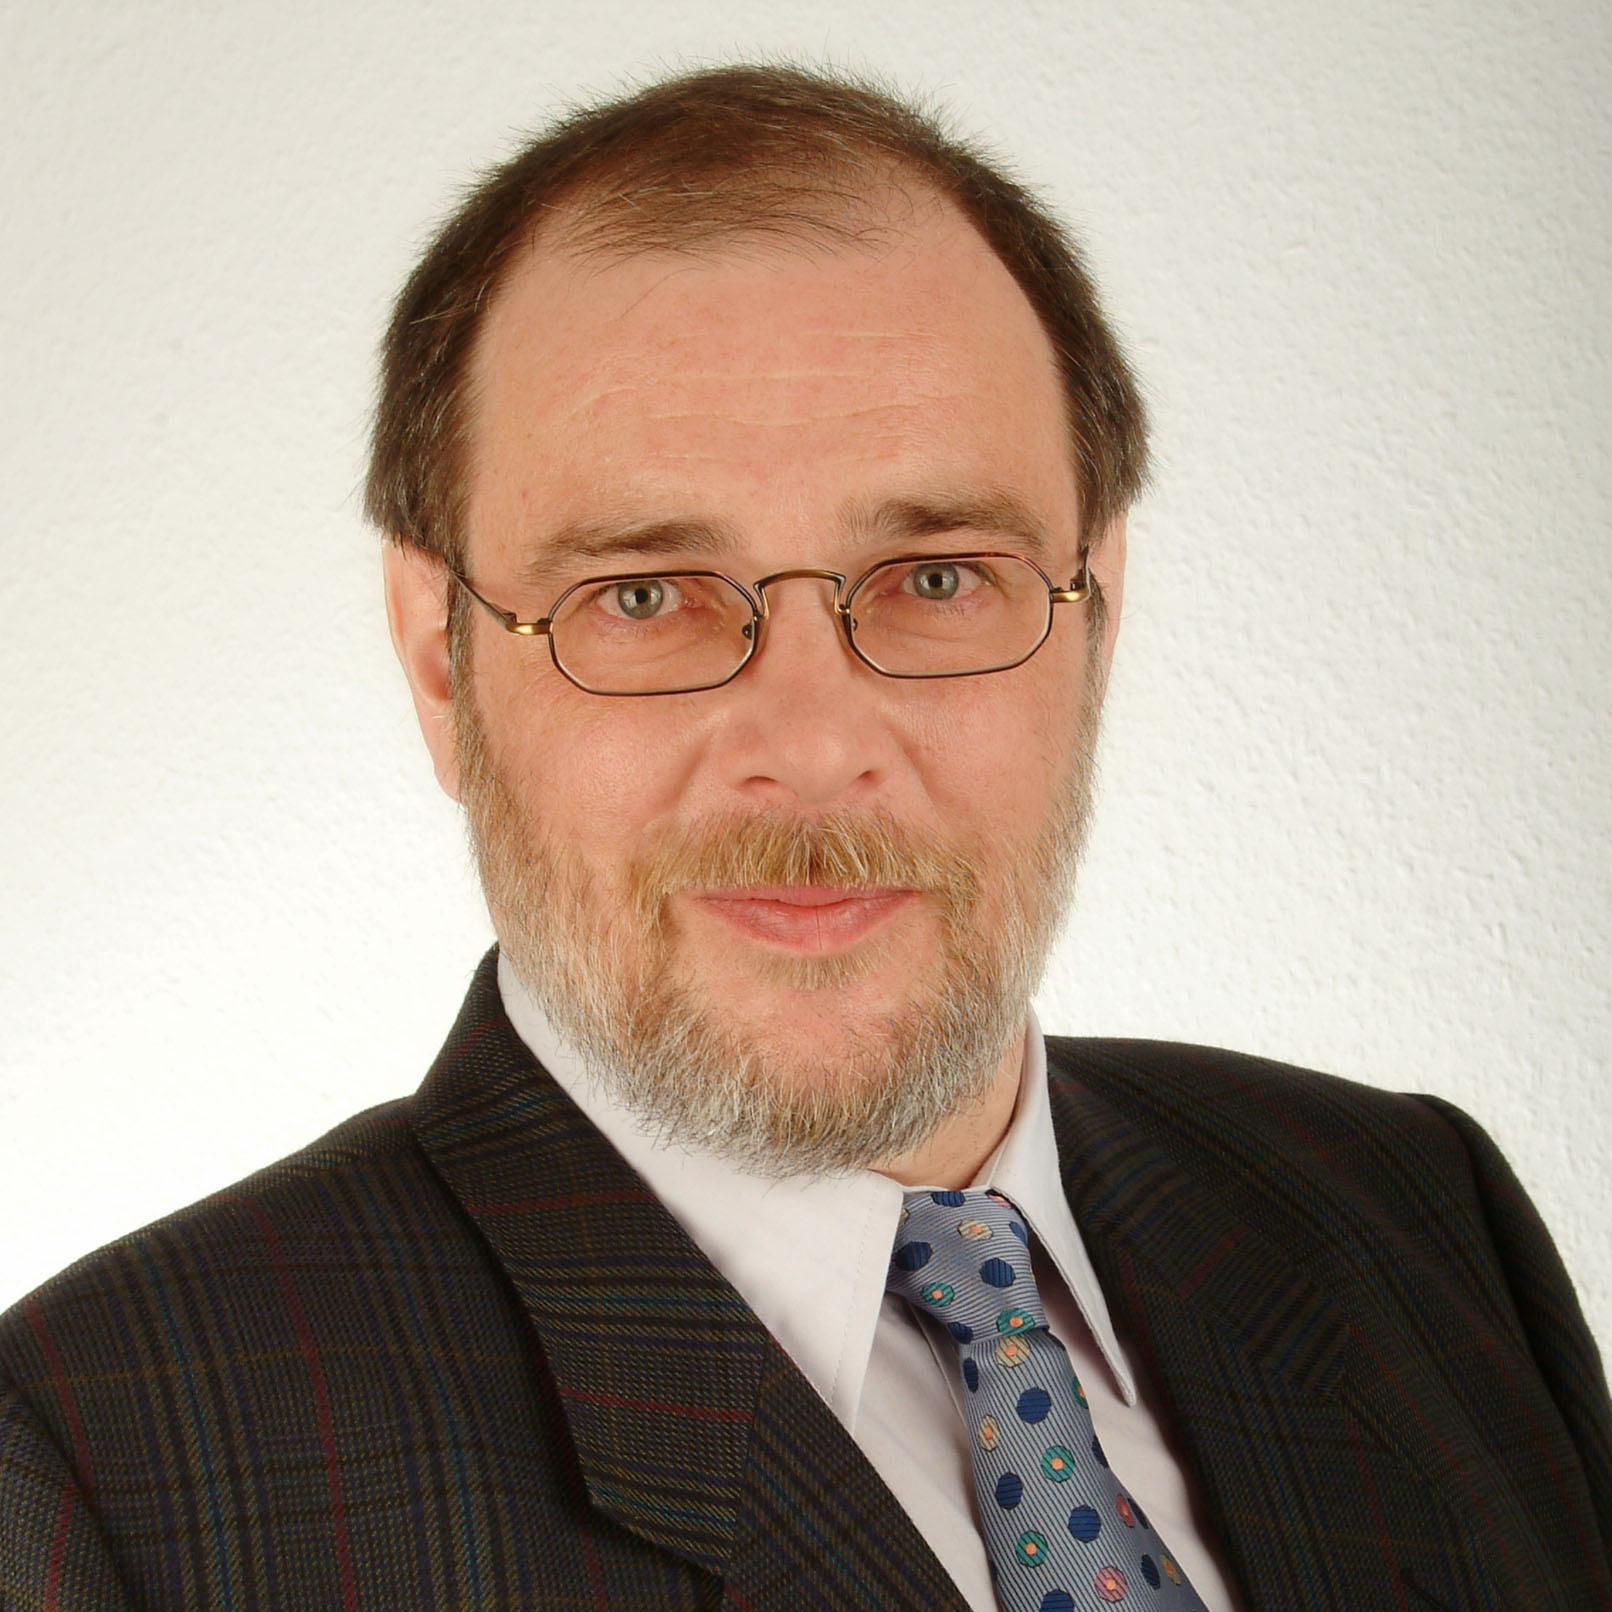 Joachim Möhring